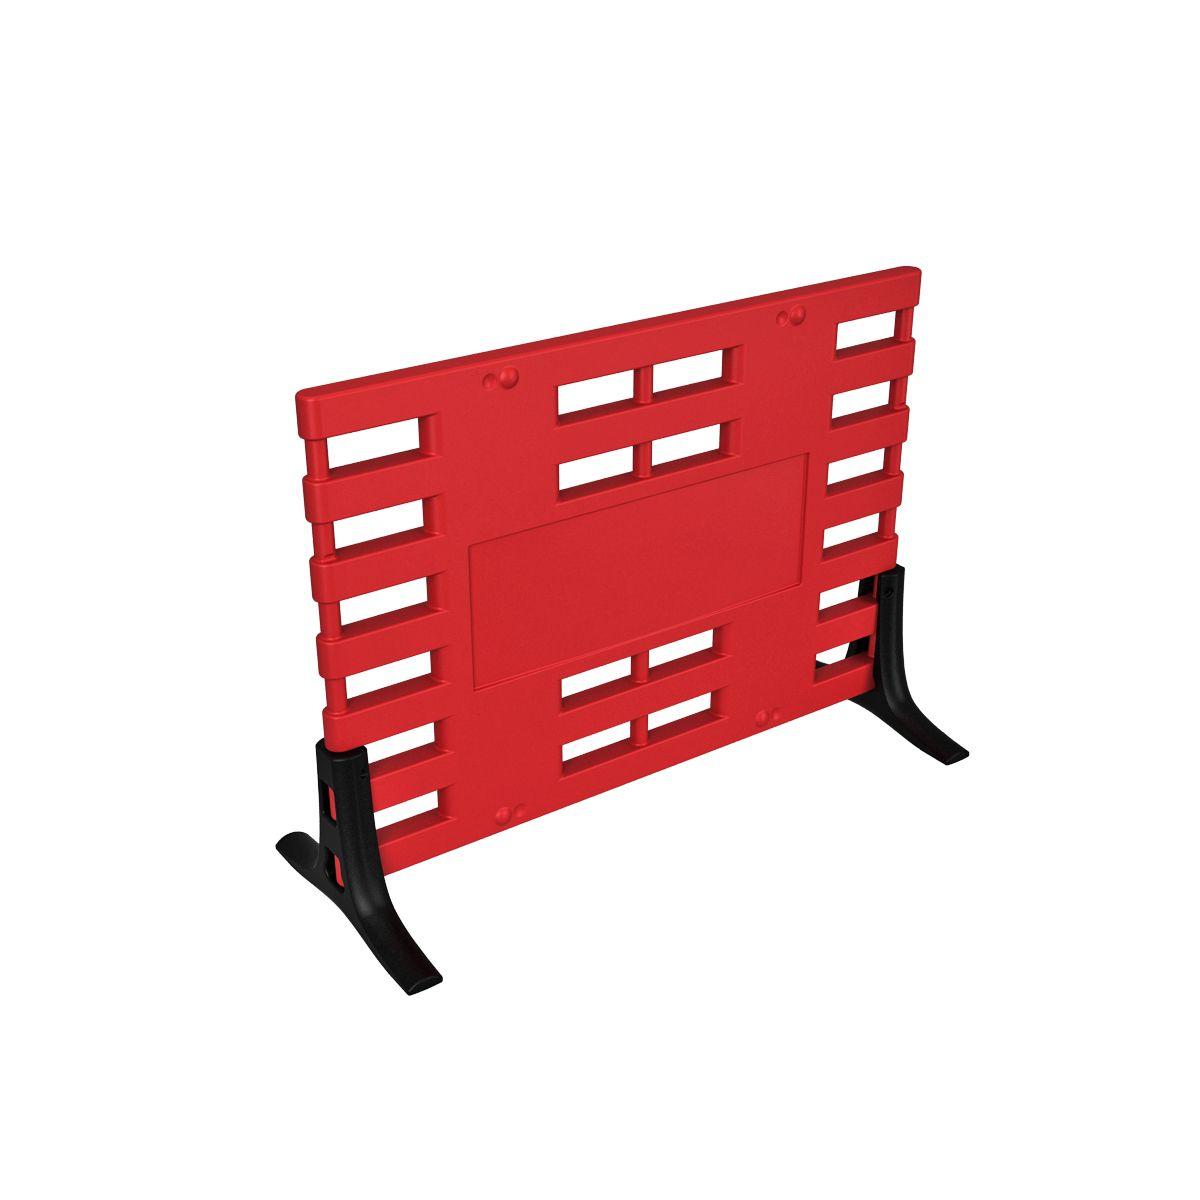 Ограждение барьерное ARGO с пластиковыми опорами красный